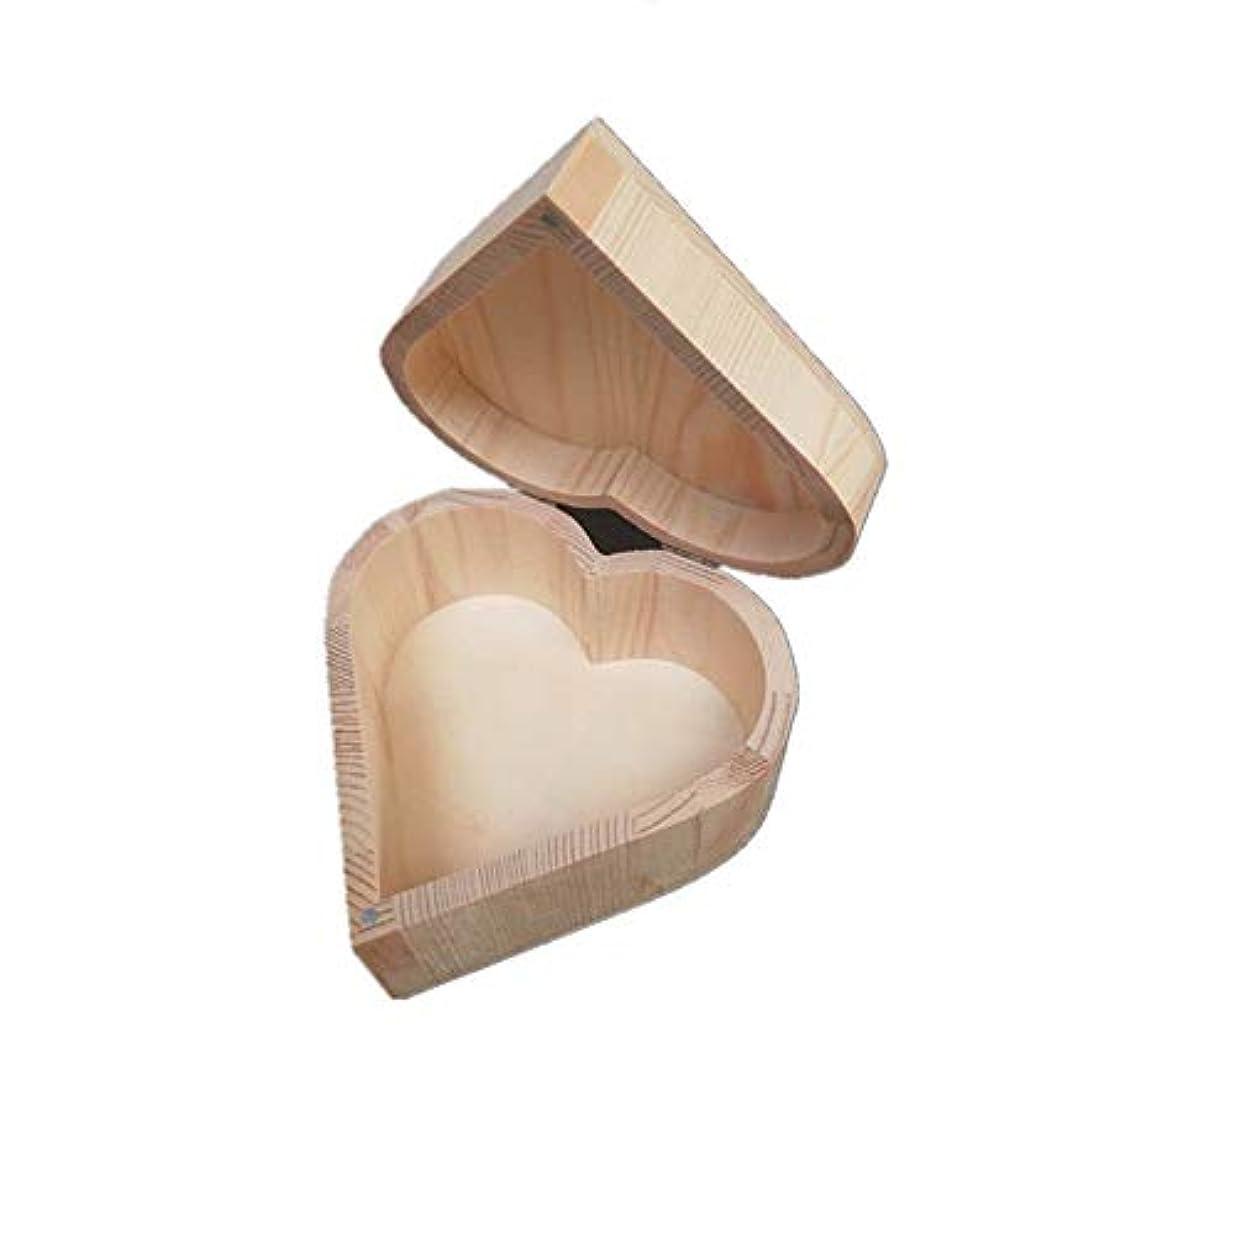 中世の興奮する真面目な手作りハート木製のエッセンシャルオイルボックスパーフェクトエッセンシャルオイルケース アロマセラピー製品 (色 : Natural, サイズ : 13X13X7CM)